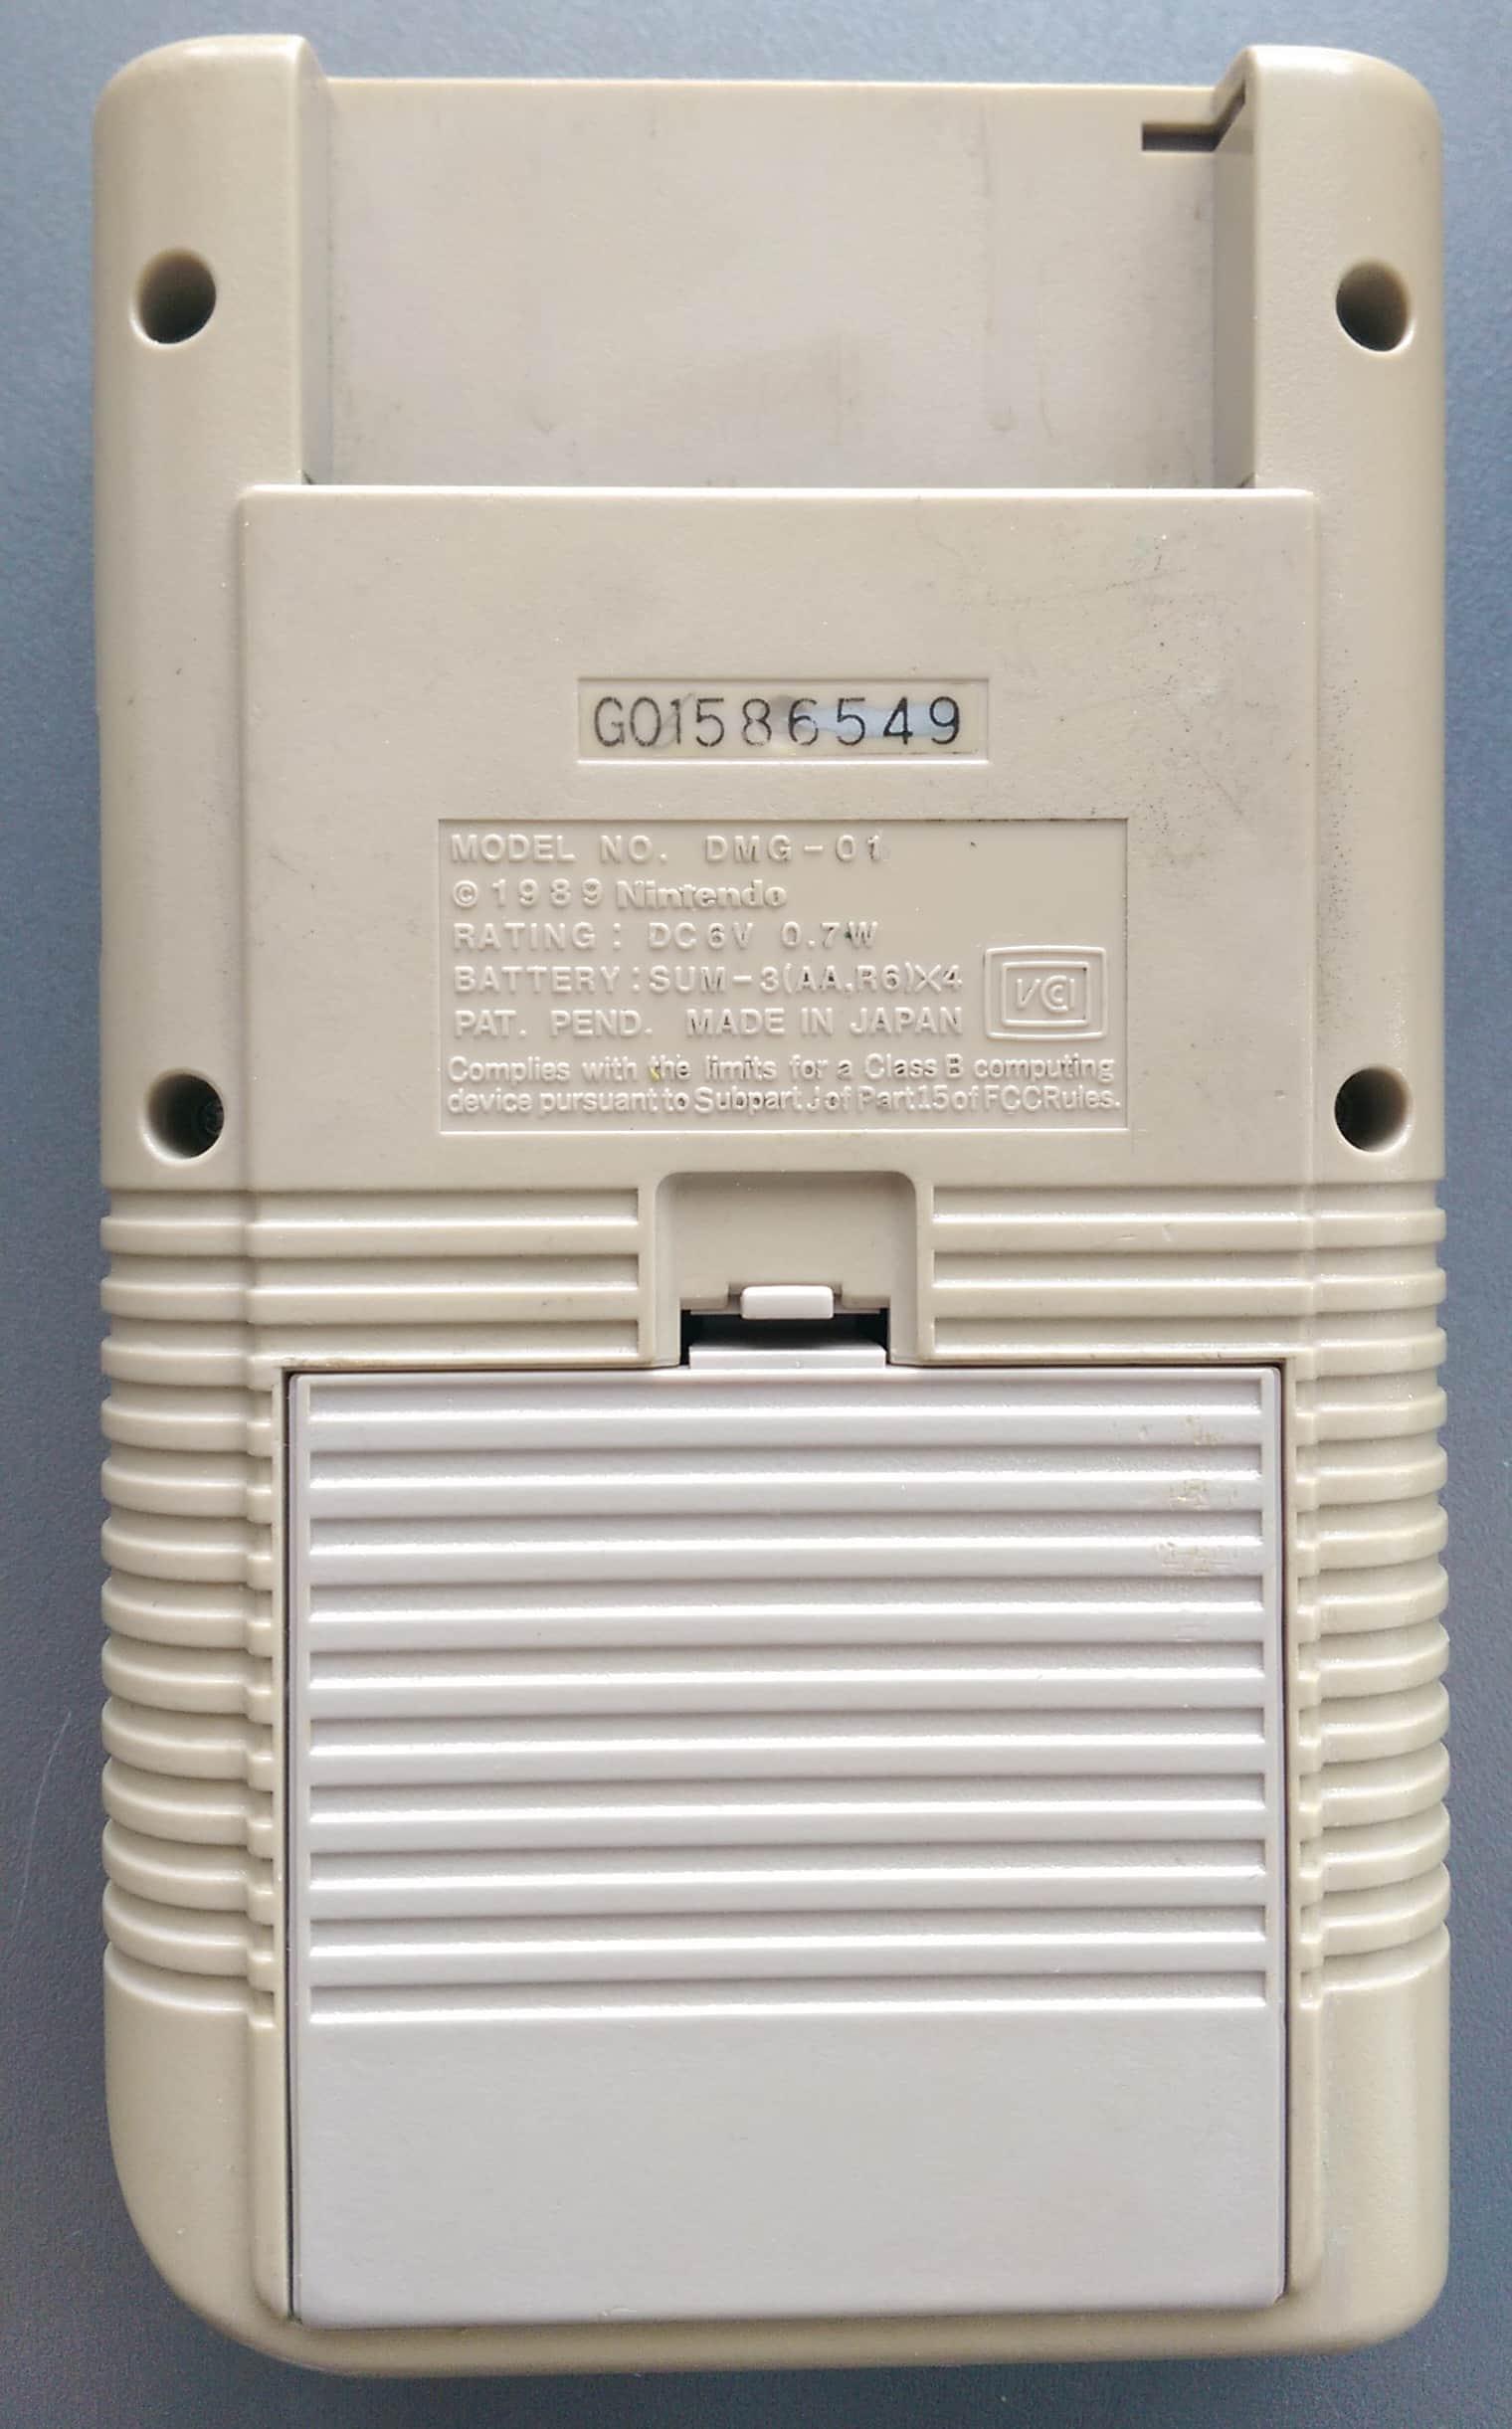 dmg  g01586549  gekkio